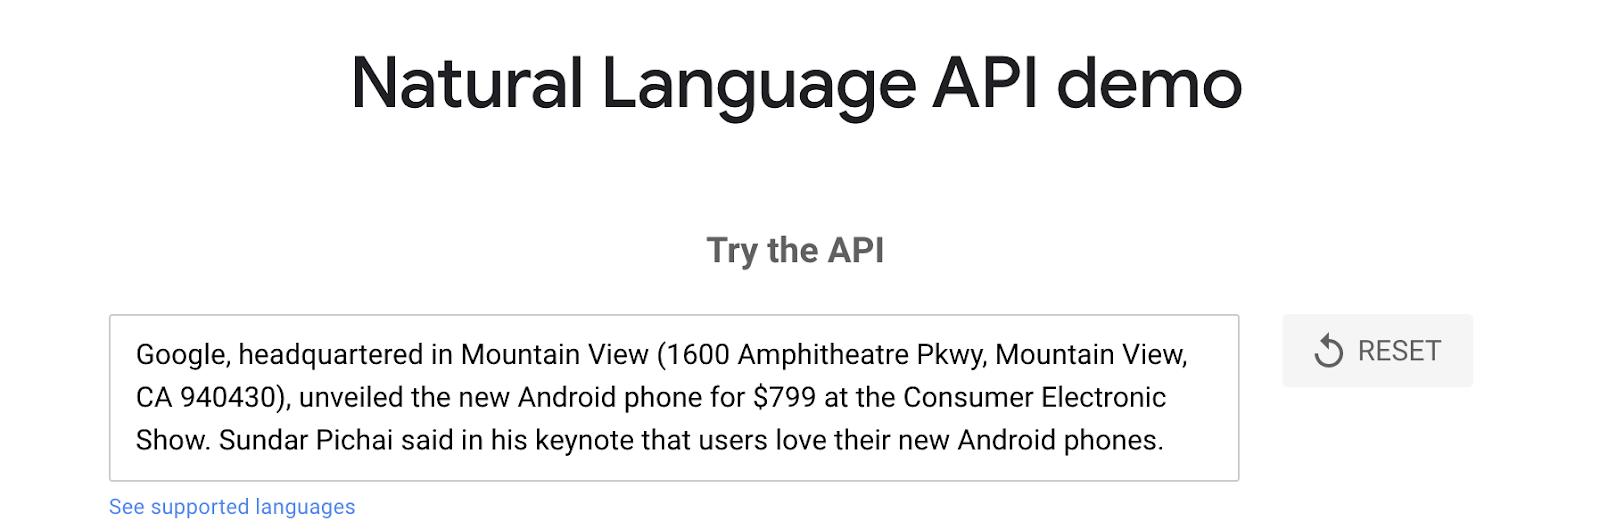 google's NLP api demo input